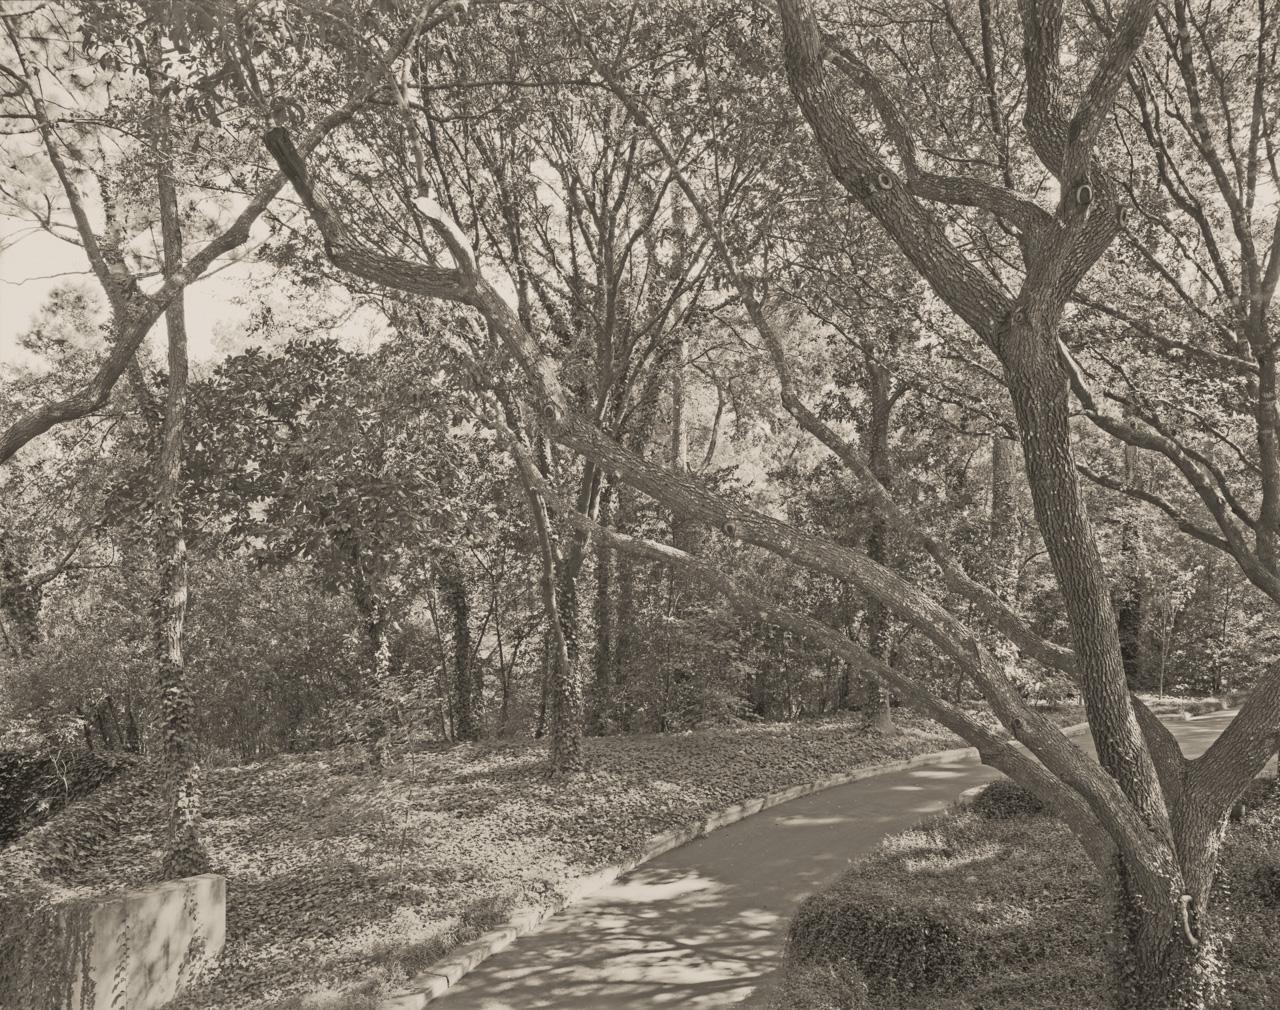 Road To The Maher Estate © E.F. Kitchen